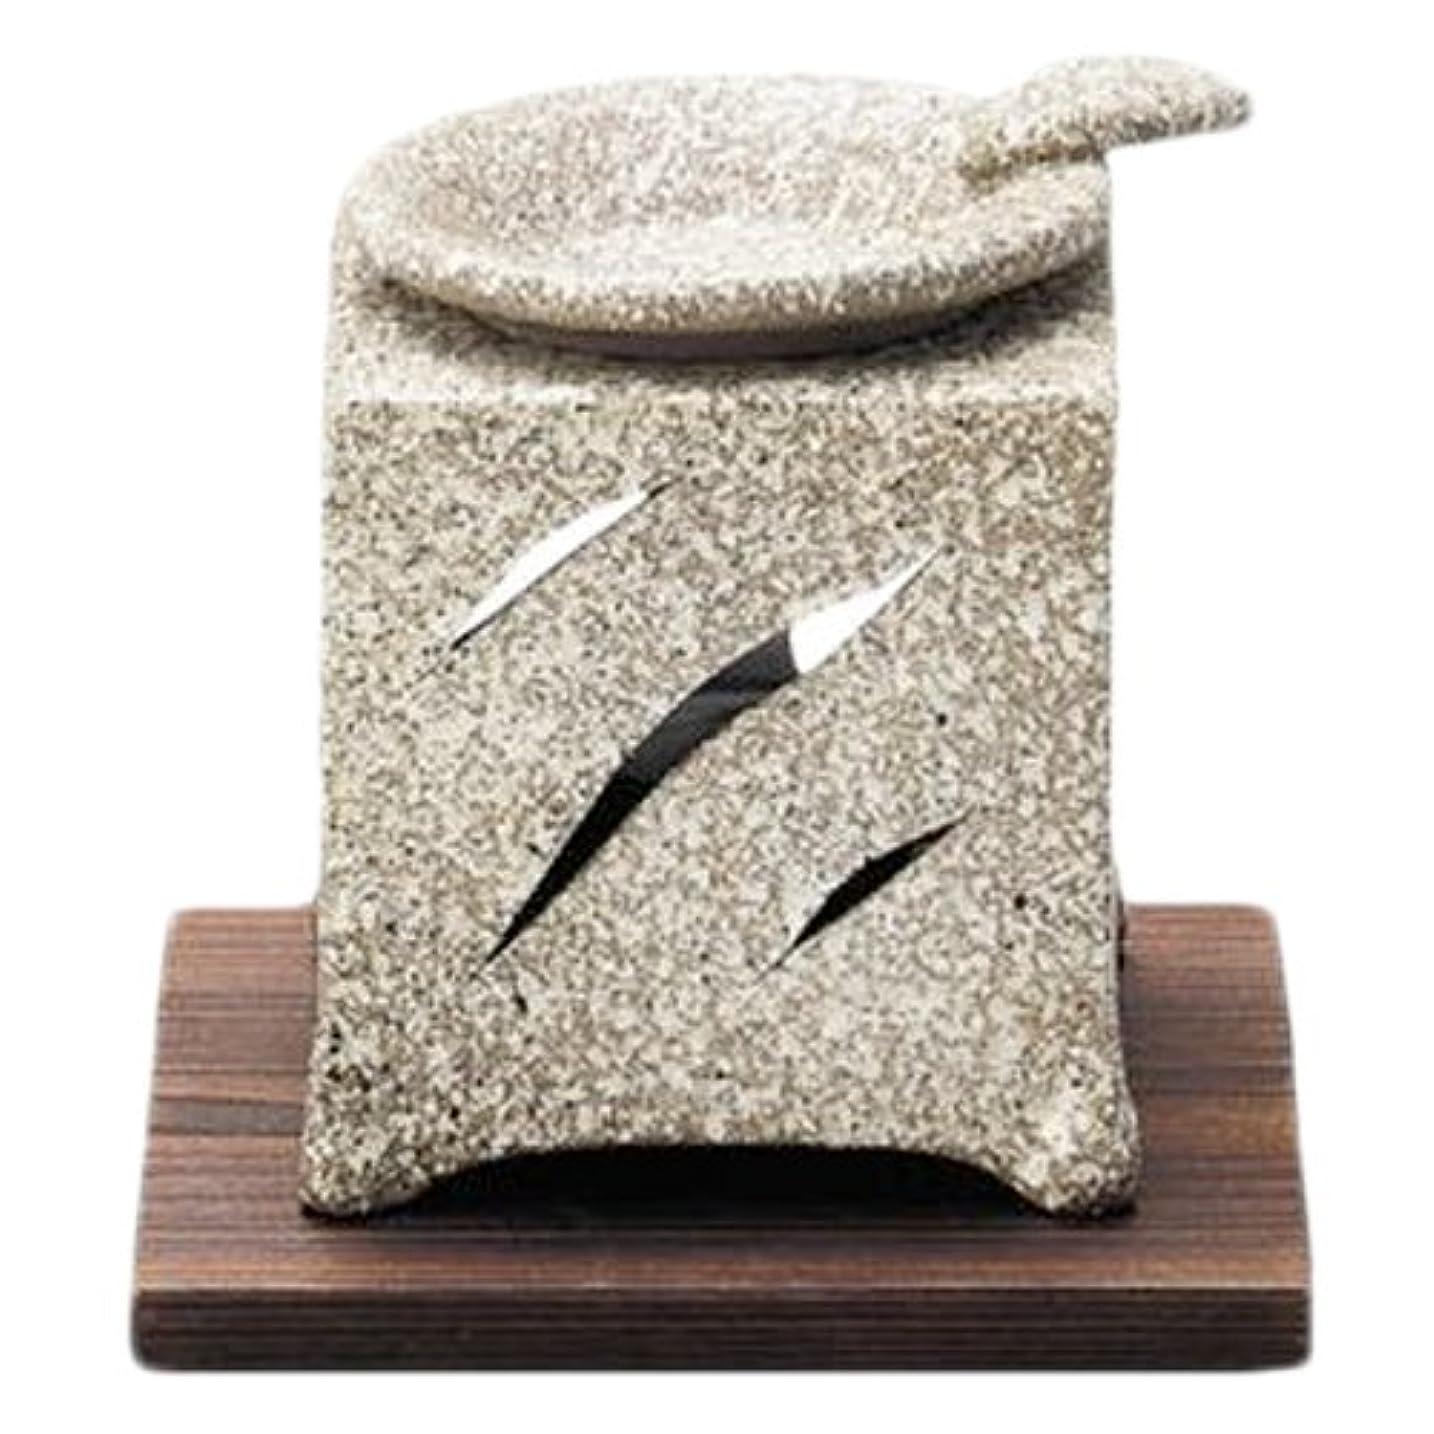 甥微生物換気する常滑焼5-261山房 石風角形茶香炉 AM-T1054